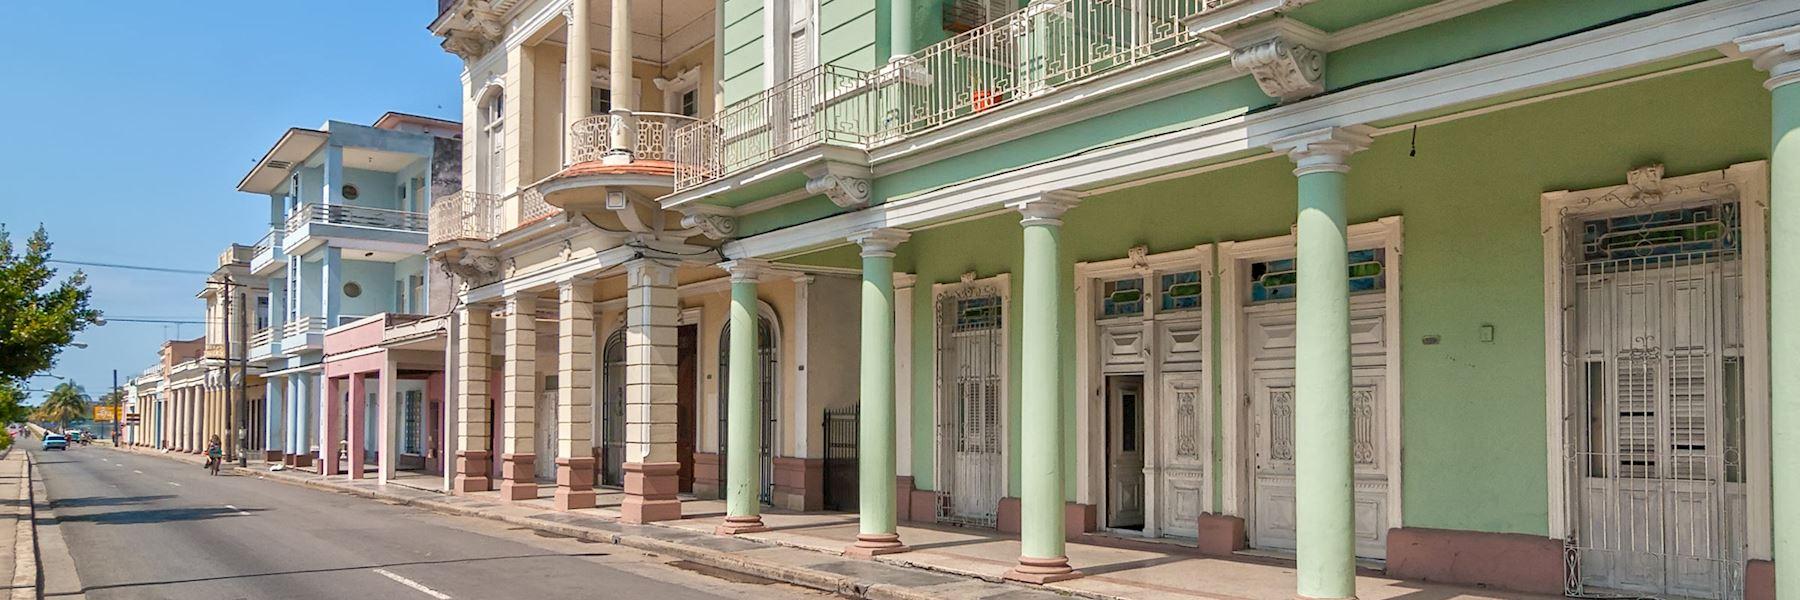 Visit Cienfuegos, Cuba